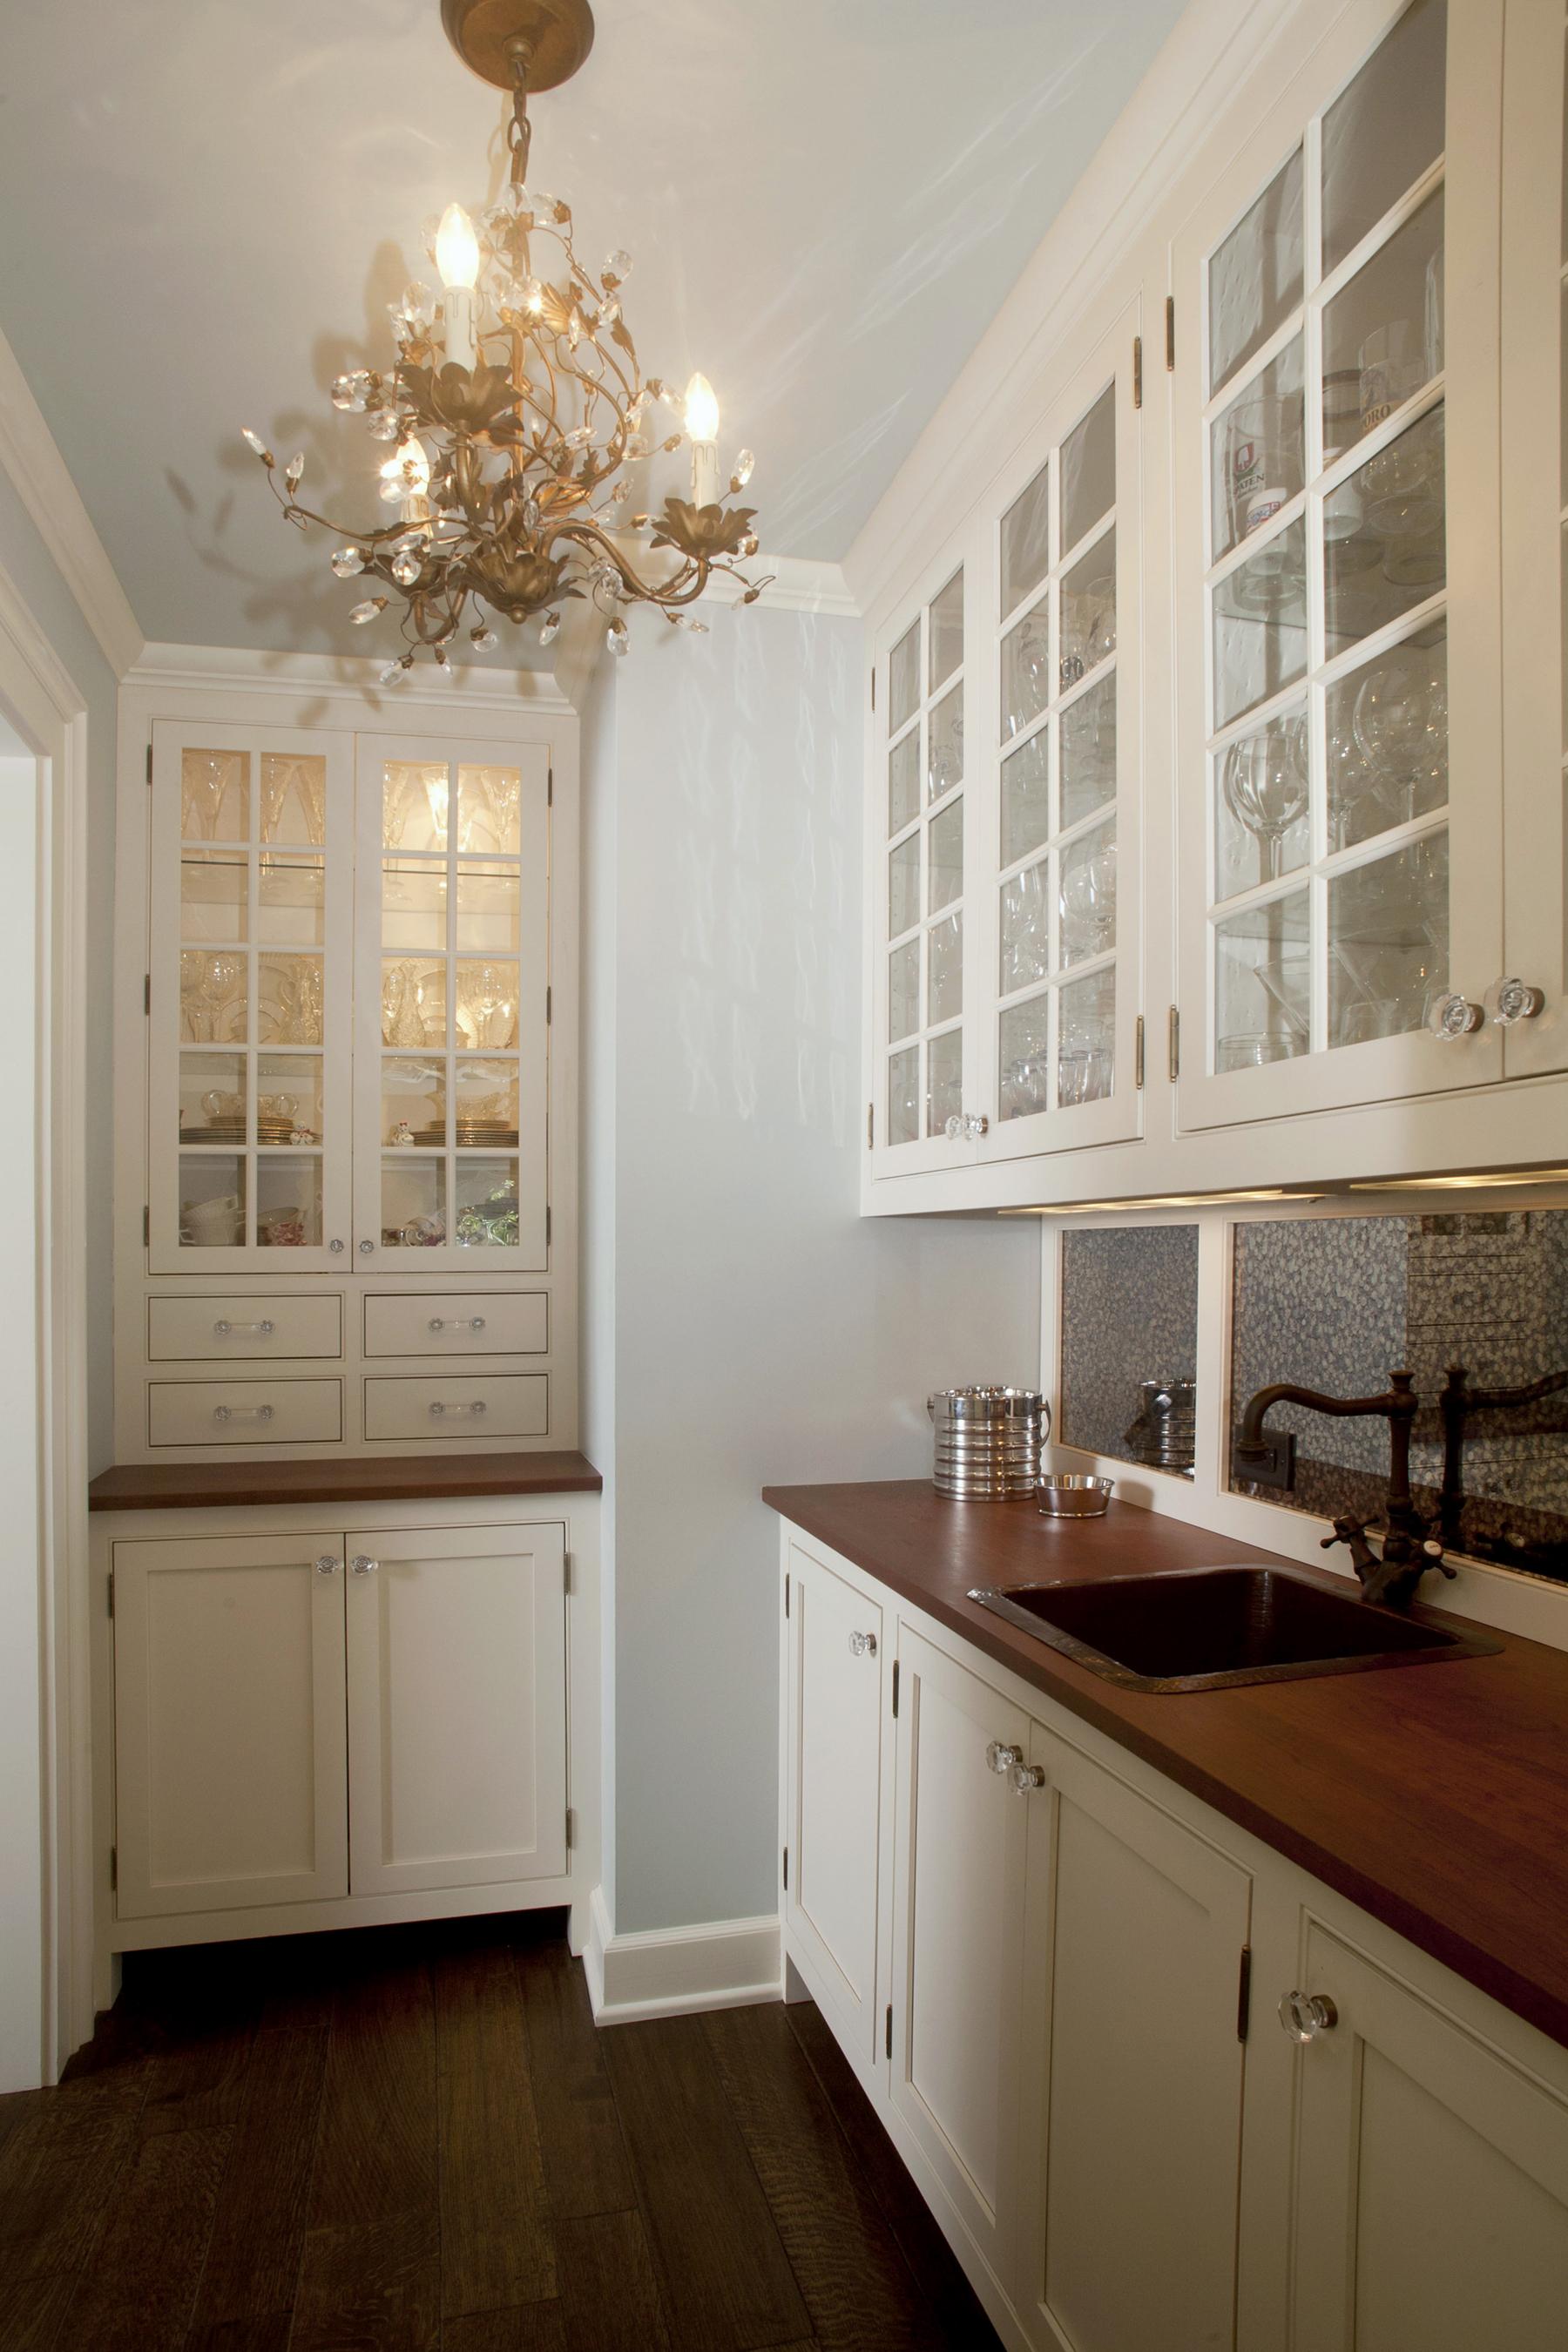 Benzel_Kitchen_03.jpg